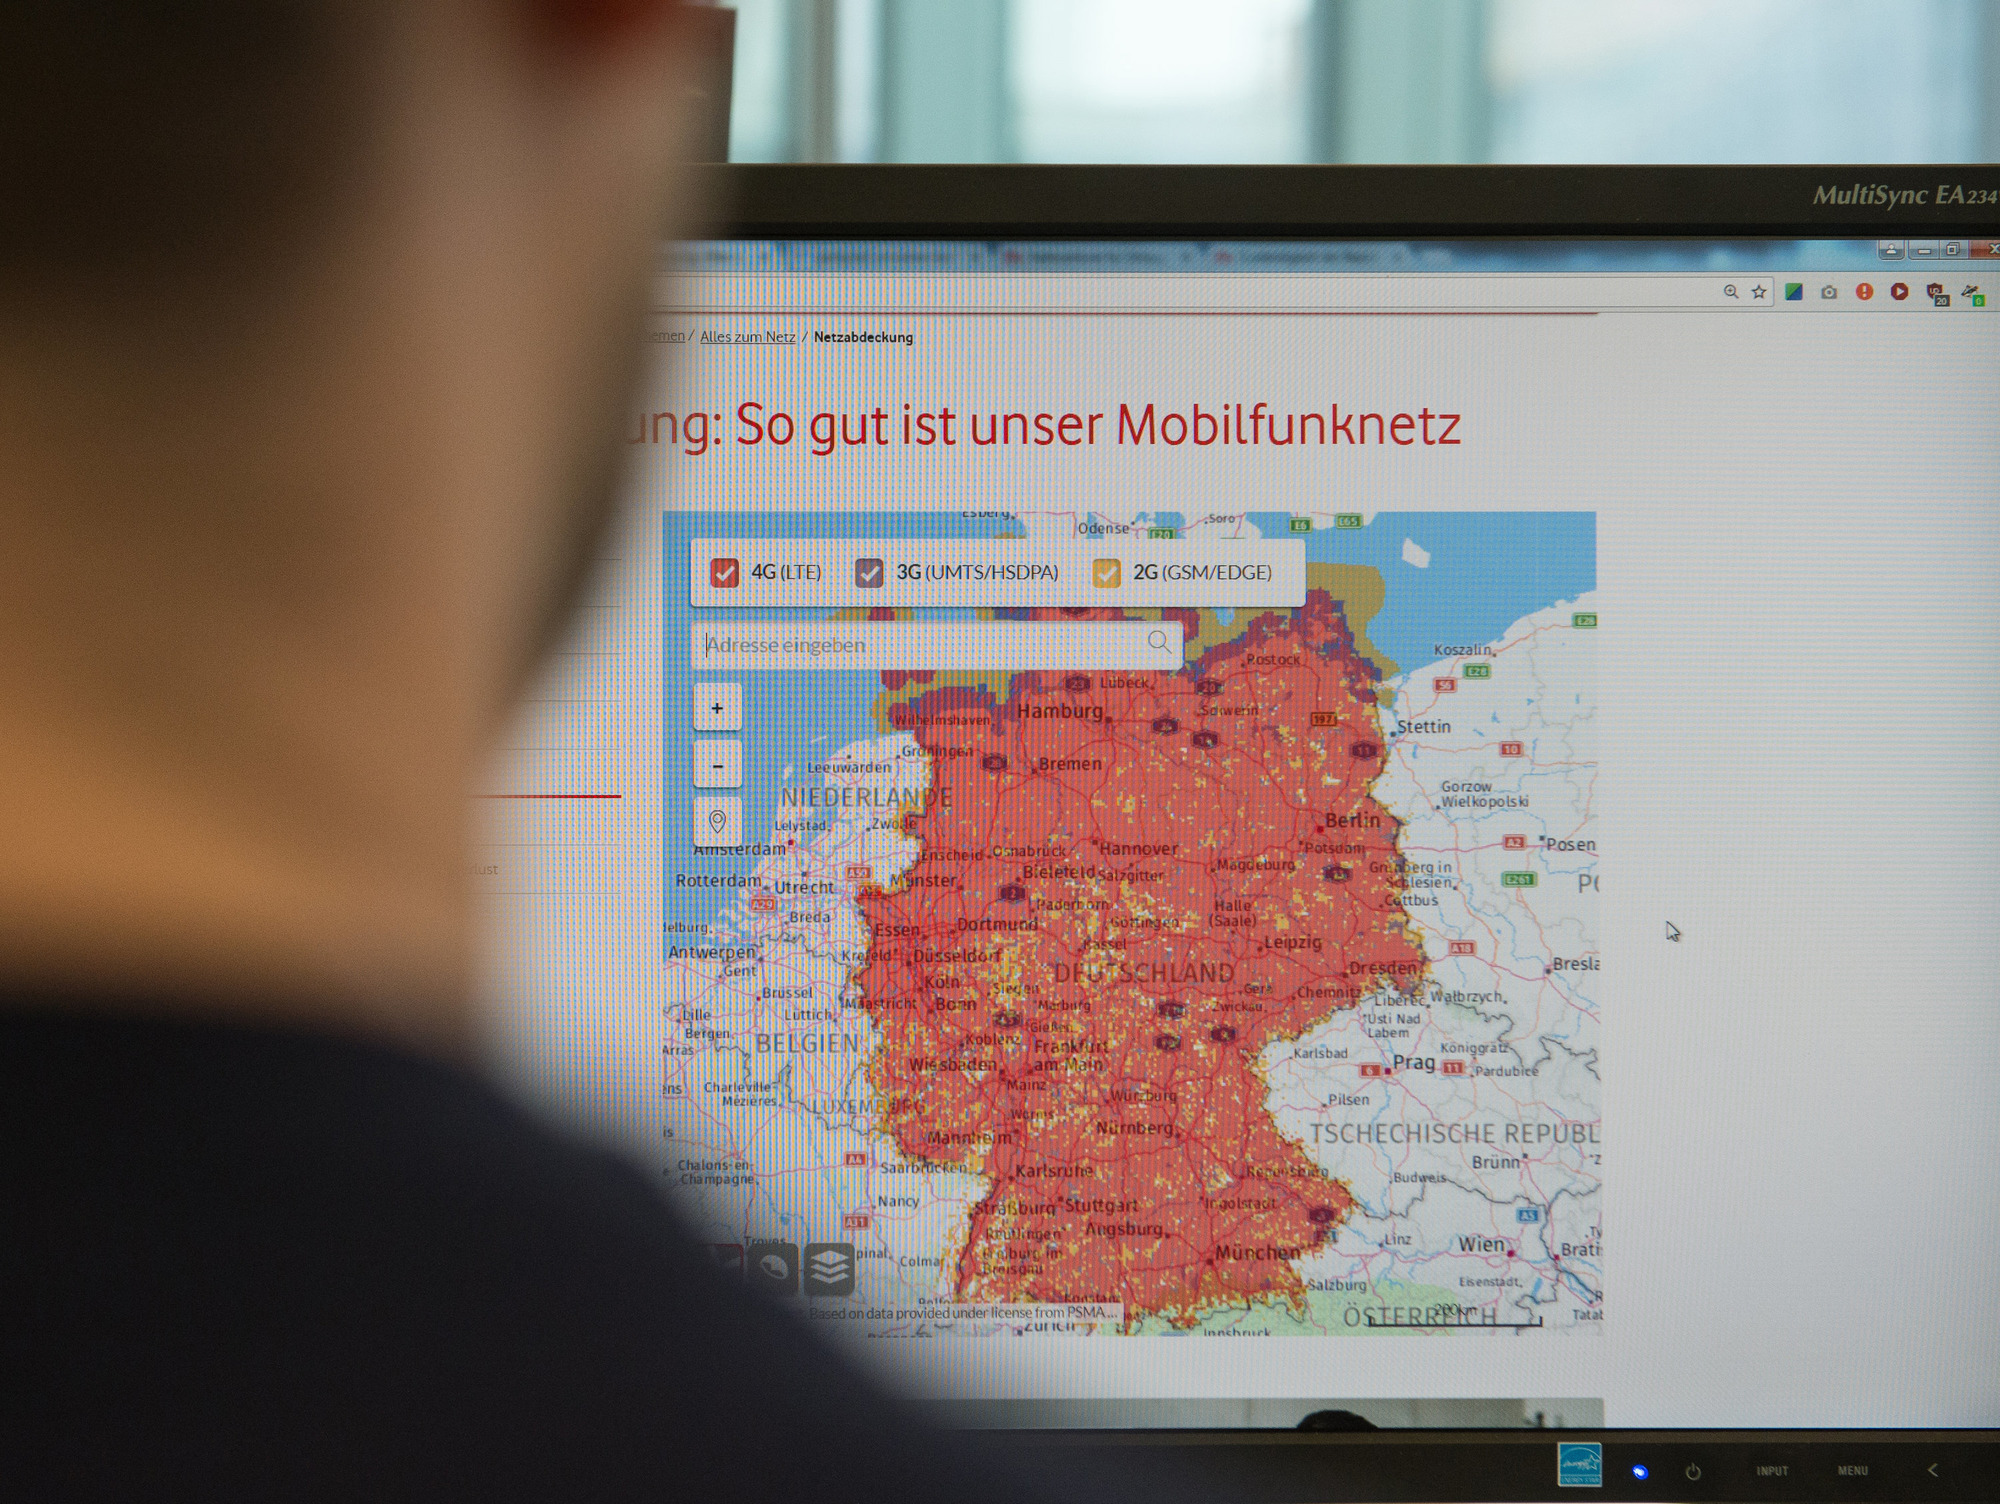 Eplus Netzabdeckung Karte.Mobilfunk Das Richtige Netz Finden Verbraucher Rhein Neckar Zeitung